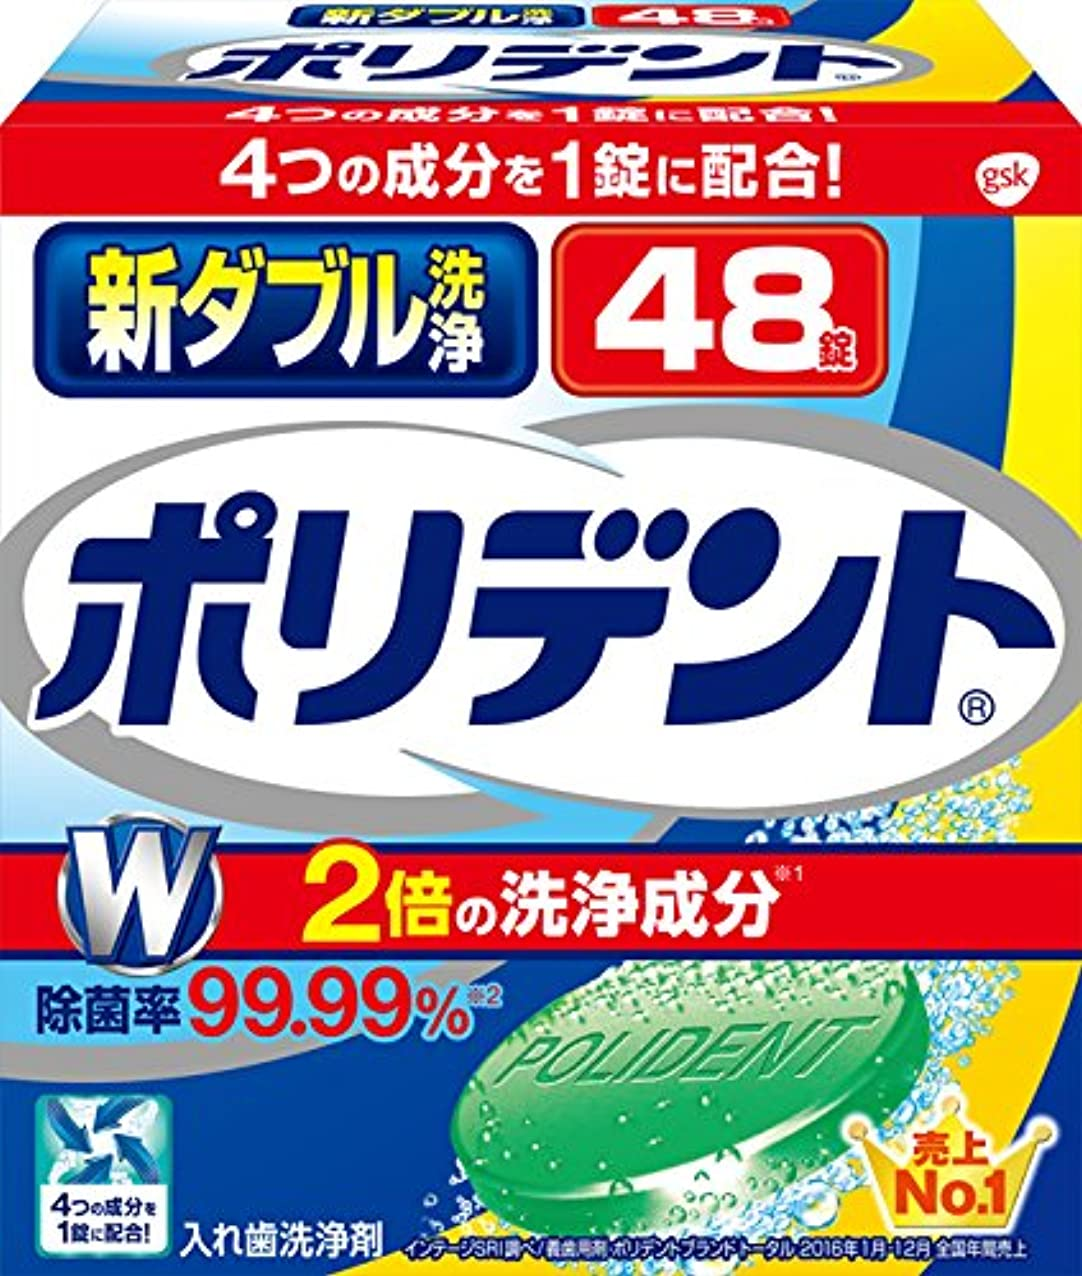 マイナー知性薄める入れ歯洗浄剤 新ダブル洗浄 ポリデント  2倍の洗浄成分 48錠